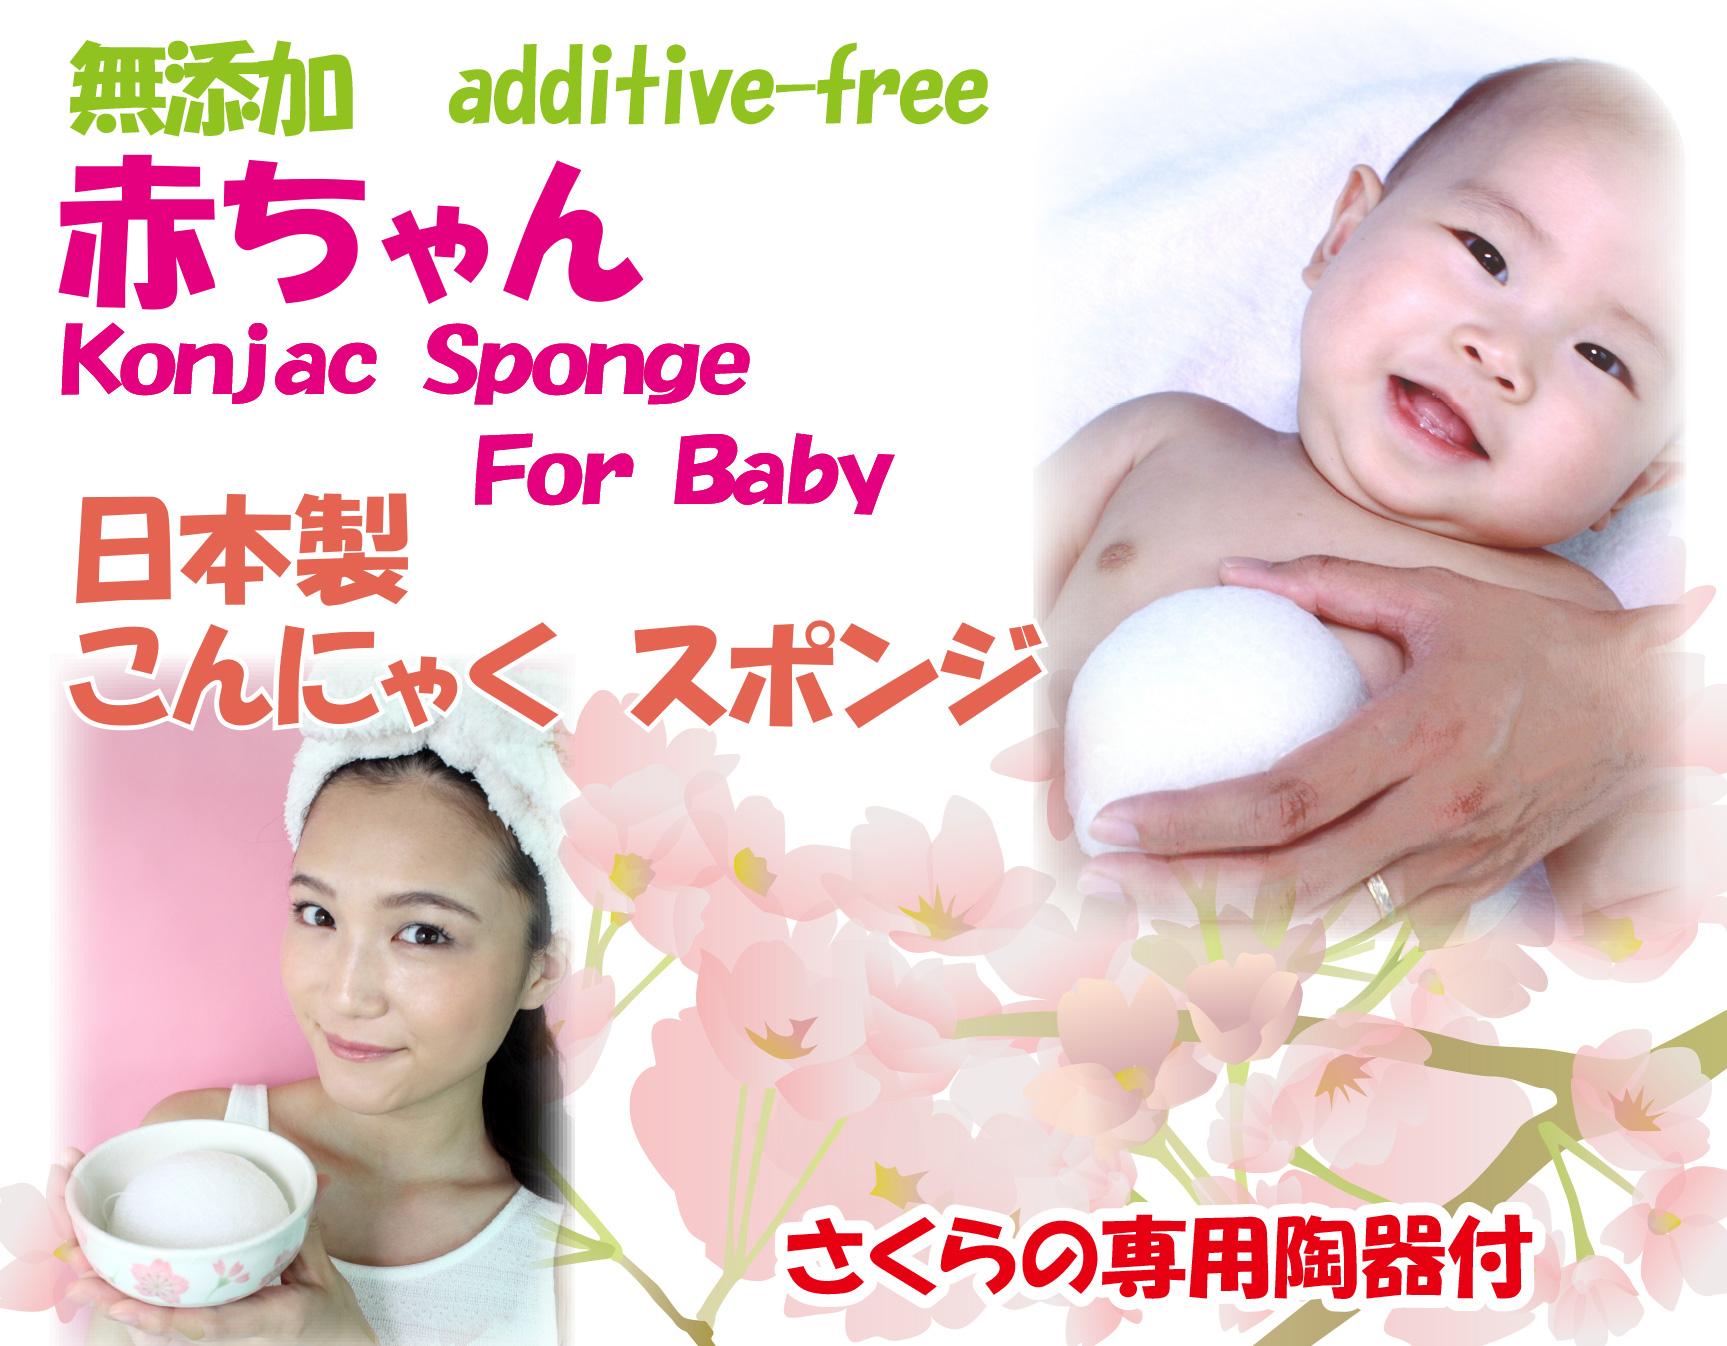 無添加 additive−free【赤ちゃん こんにゃくスポンジ さくらの専用陶器付】